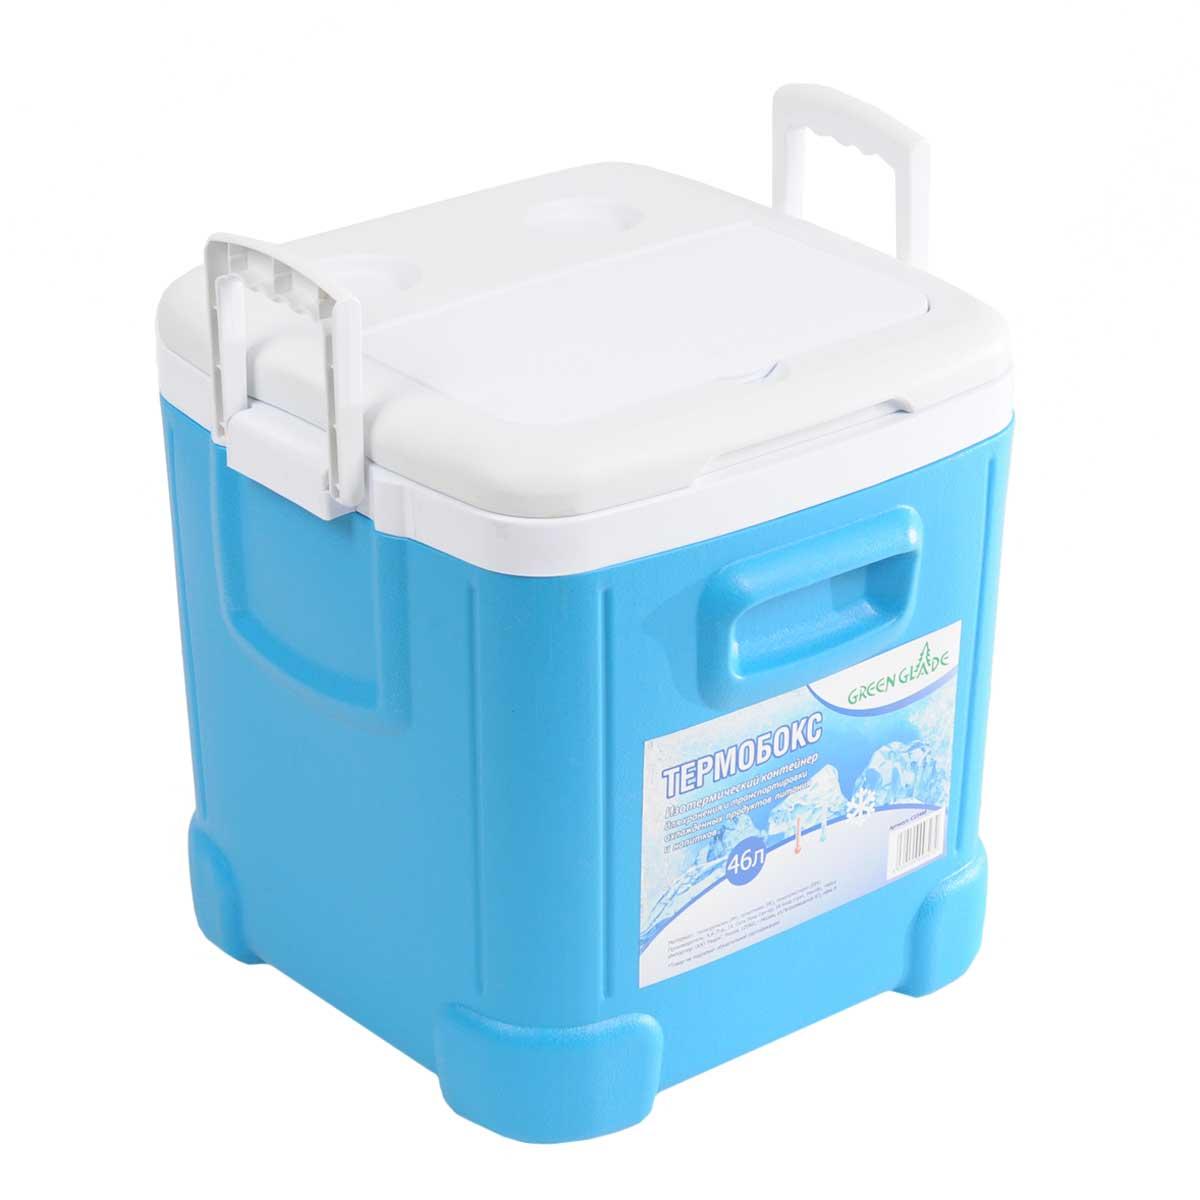 Контейнер изотермический Green Glade, цвет: голубой, 46 лAS 25Легкий и прочный изотермический контейнер Green Glade предназначен для сохранения определенной температуры продуктов во время длительных поездок. Корпус и крышка контейнера изготовлены из высококачественного пластика. Между двойными стенками находится термоизоляционный слой, который обеспечивает сохранение температуры. Крышку можно использовать в качестве подноса, на ней имеются специальные углубления для стаканчиков, и еще одно отделение под закуски. Удобные ручки по бокам обеспечат легкое перемещение контейнера. В нижней части контейнера имеется заглушка, которая поможет слить воду при постепенном размораживании продуктов. При использовании аккумулятора холода контейнер обеспечивает сохранение продуктов холодными до 12 часов. Контейнер идеально подходит для отдыха на природе, пикников, туристических походов и путешествий.Контейнеры Green Glade можно использовать не только для сохранения холодных продуктов, но и для транспортировки горячих блюд. В этом случае аккумуляторы нагреваются в горячей воде (температура около 80°С) и превращаются в аккумуляторы тепла. Подготовленные блюда перед транспортировкой подогреваются и укладываются в контейнер. Объем контейнера: 46 л.Размер контейнера: 38 см х 44 см х35 см.